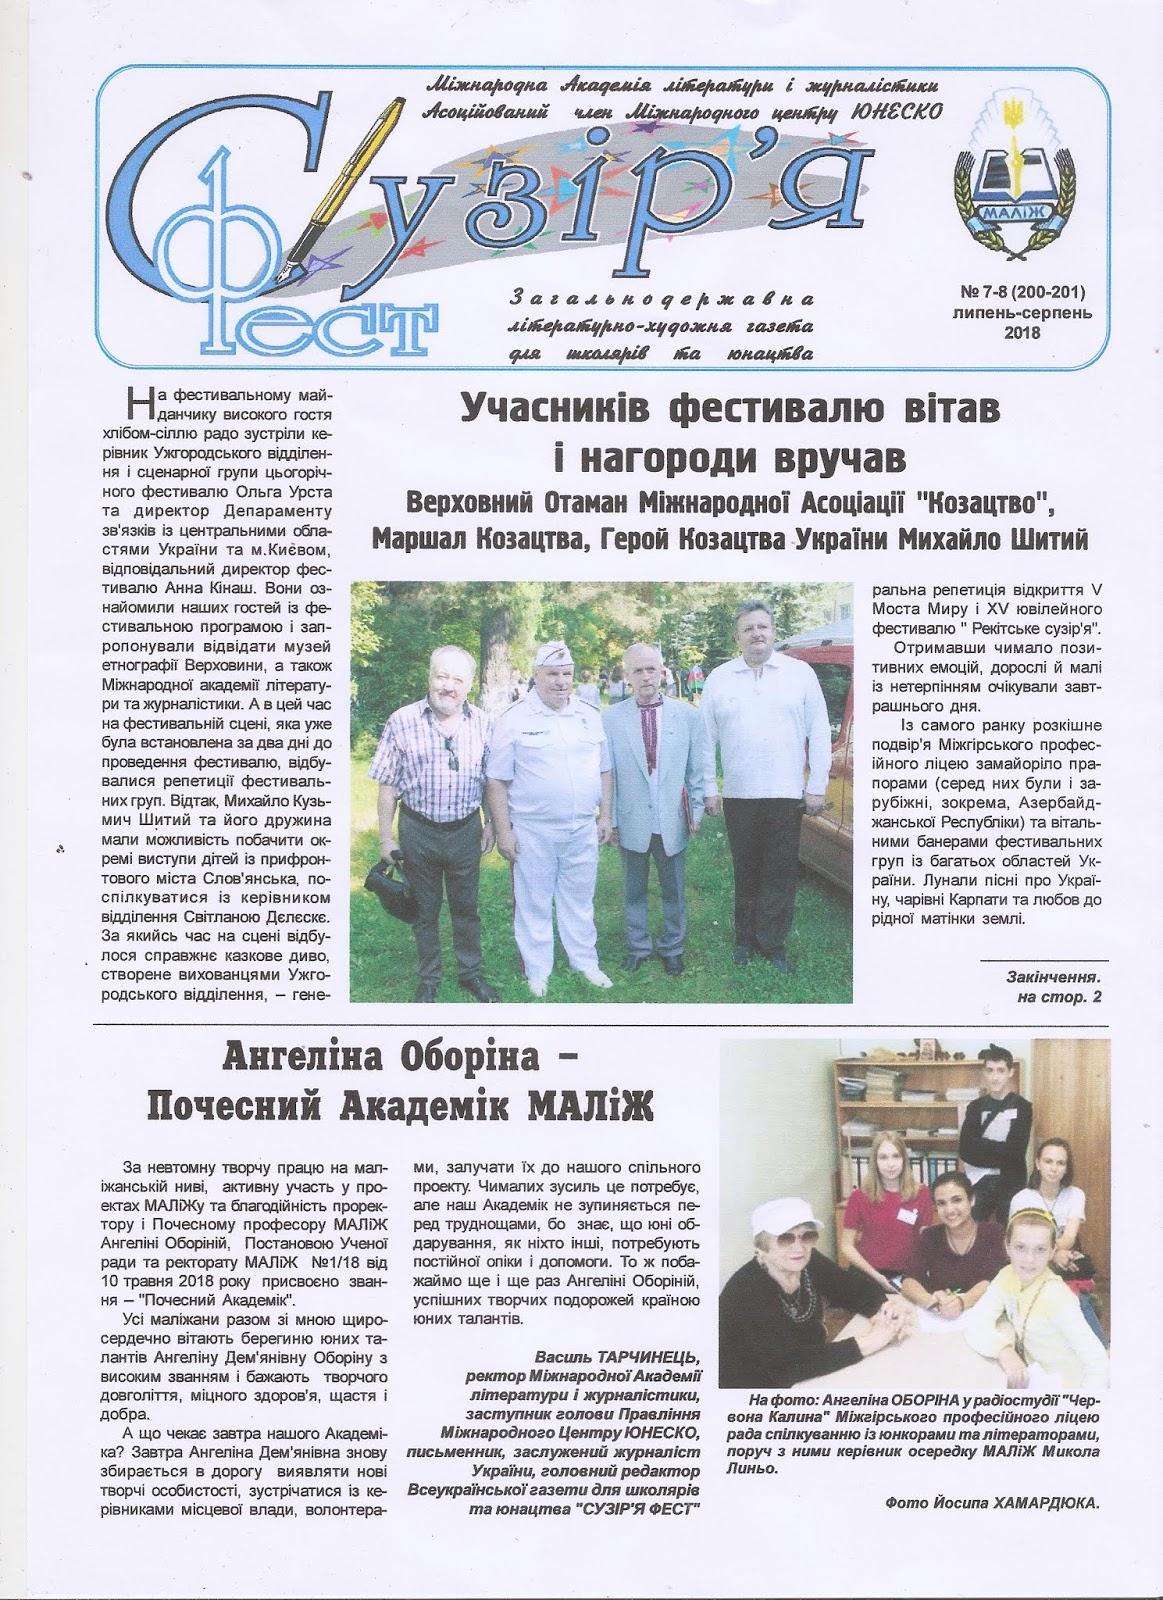 На 16-ти сторінках «Сузір я Фест» надруковано багато іншої цікавої  інформації. e15b405d60b6d